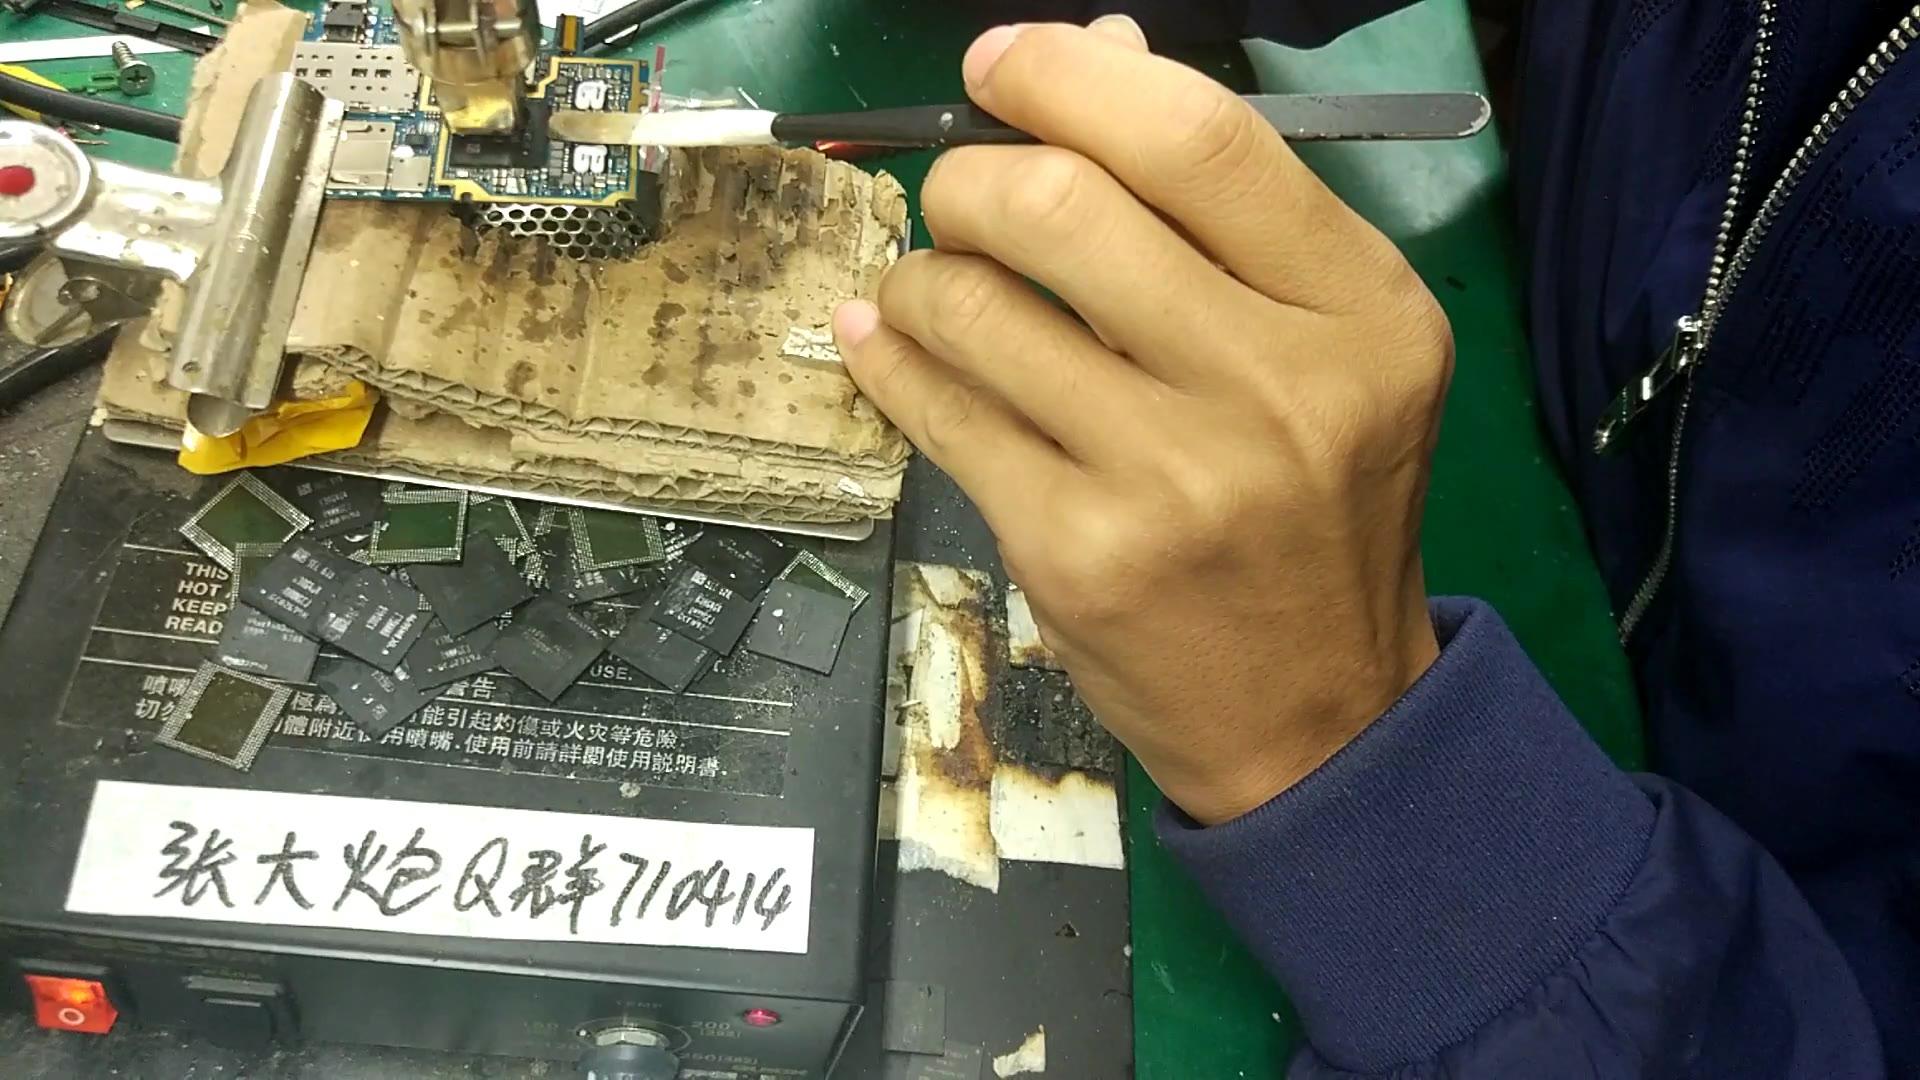 【东风】店主提供的小米5改装6G内存过程视频